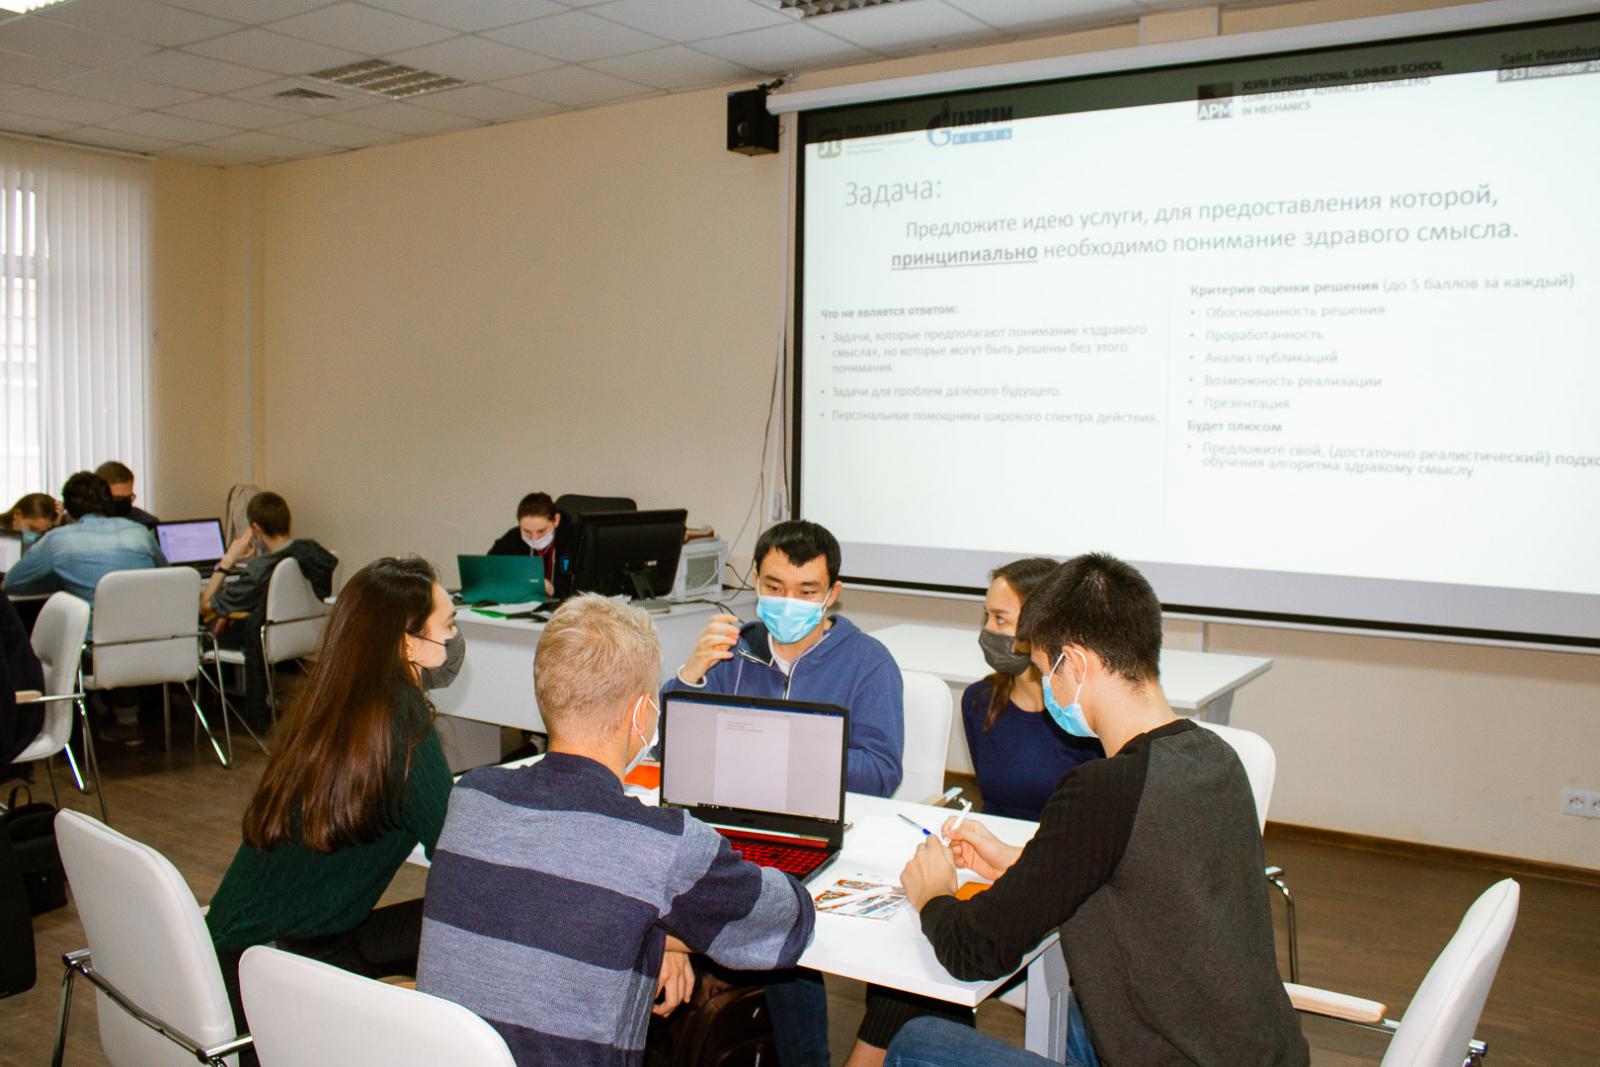 Научно-Технический Центр «Газпром нефти» приглашает студентов на модуль по ИТ-технологиям в нефтегазовой сфере